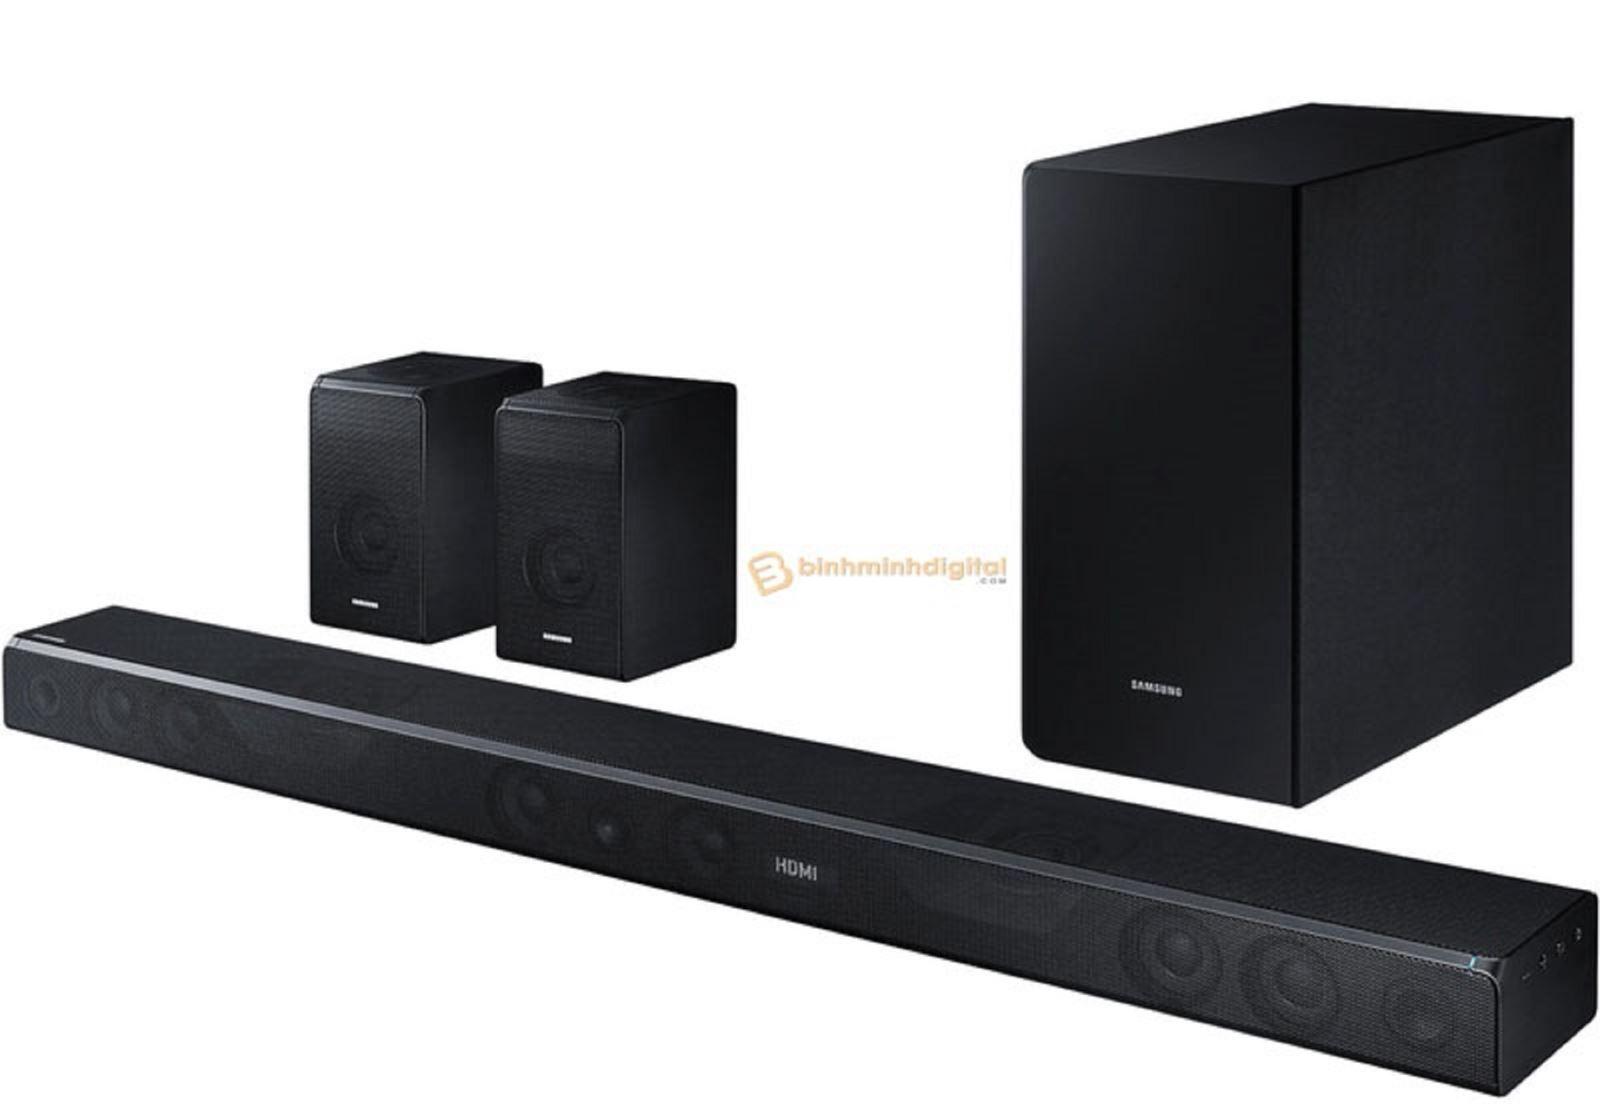 Kinh nghiệm lựa chọn loa soundbar- 5 sản phẩm tốt nhất hiện nay